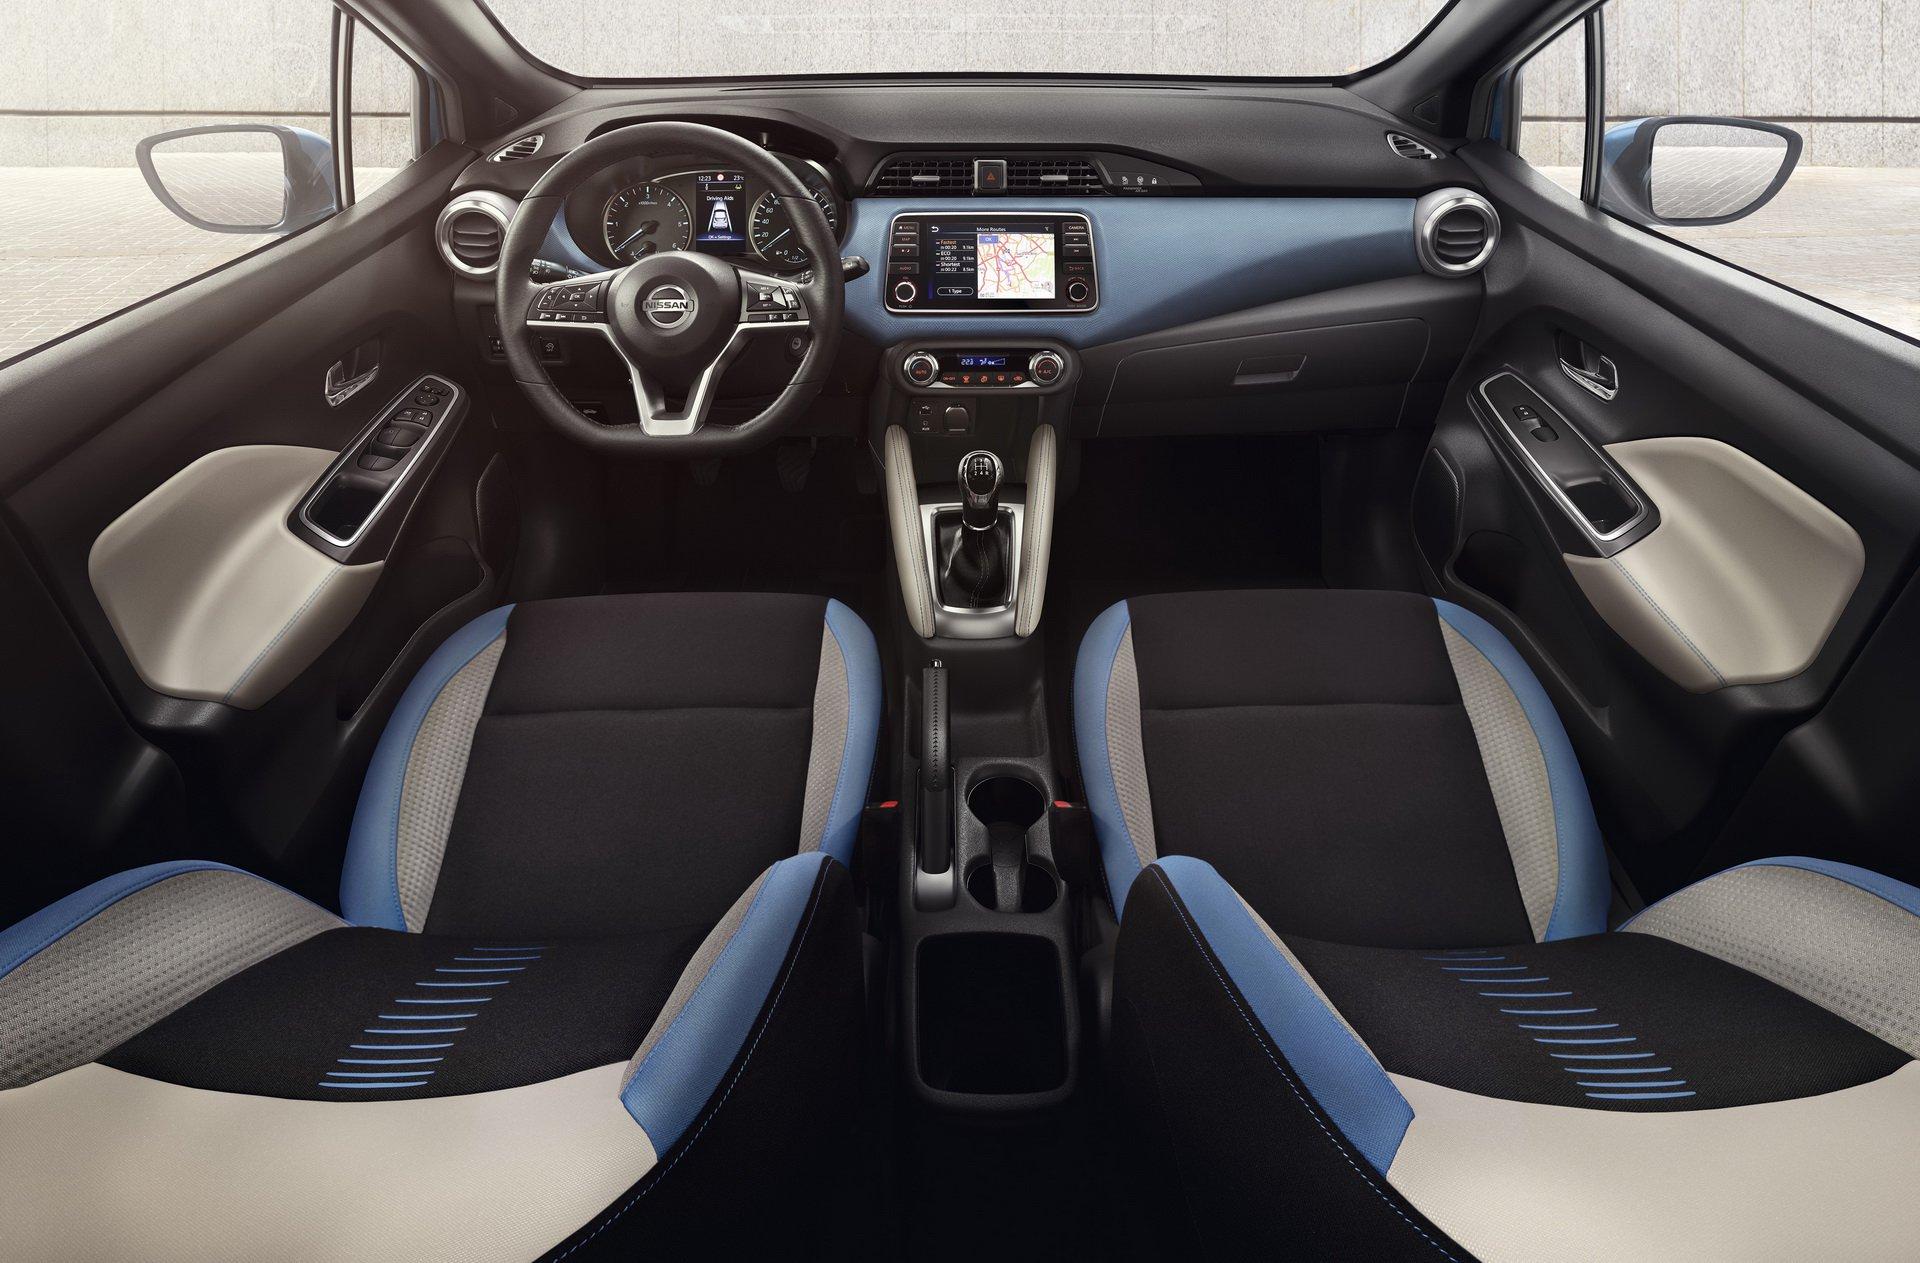 Nissan_Micra_infontaiment_0006